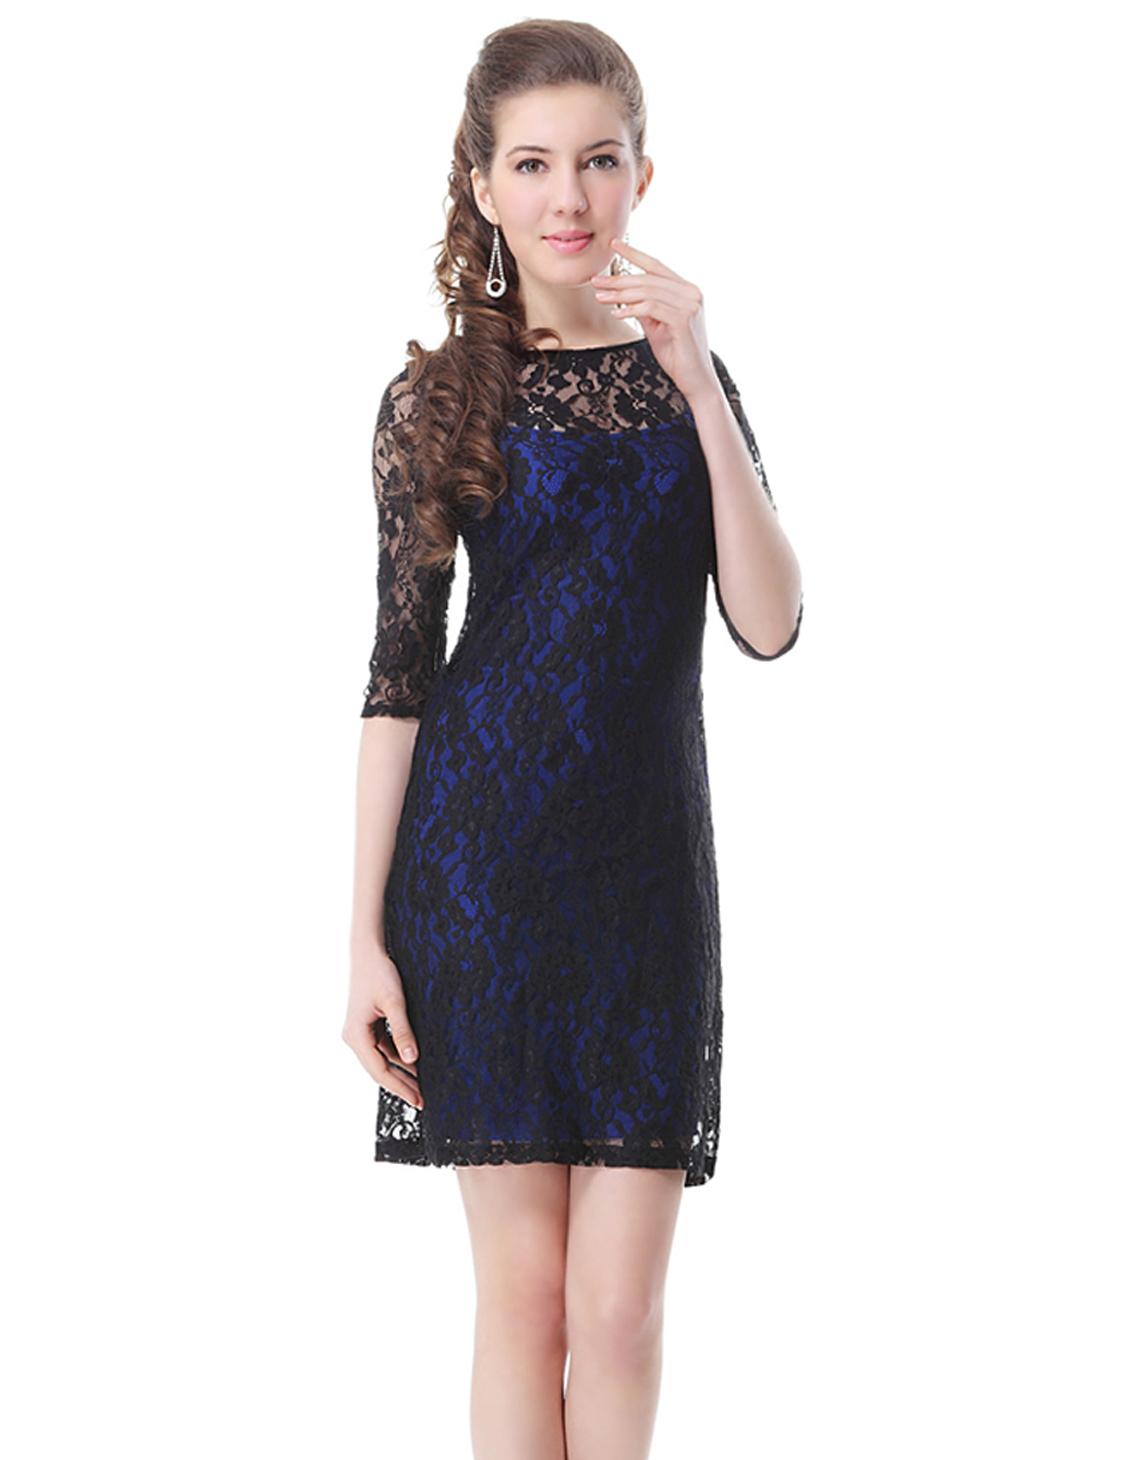 Elegant Short Lace Women\'s Cocktail Party Dresses Casual Dress 03790 ...